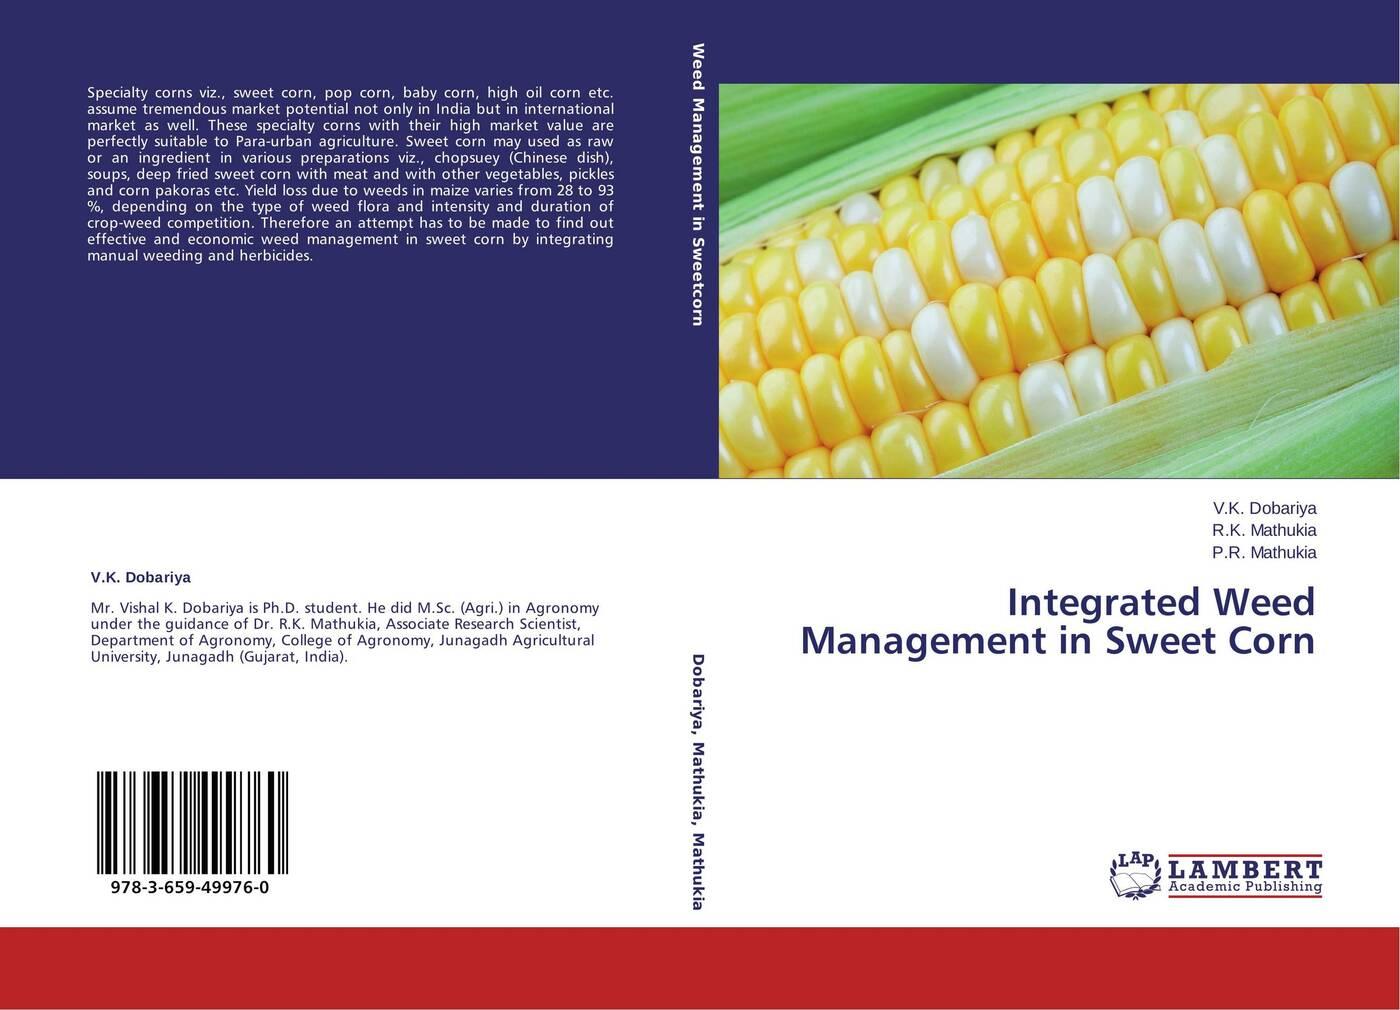 V.K. Dobariya,R.K. Mathukia and P.R. Mathukia Integrated Weed Management in Sweet Corn shakuntala meena r k mathukia and v d khanpara weed management in summer greengram vigna radiata l page 3